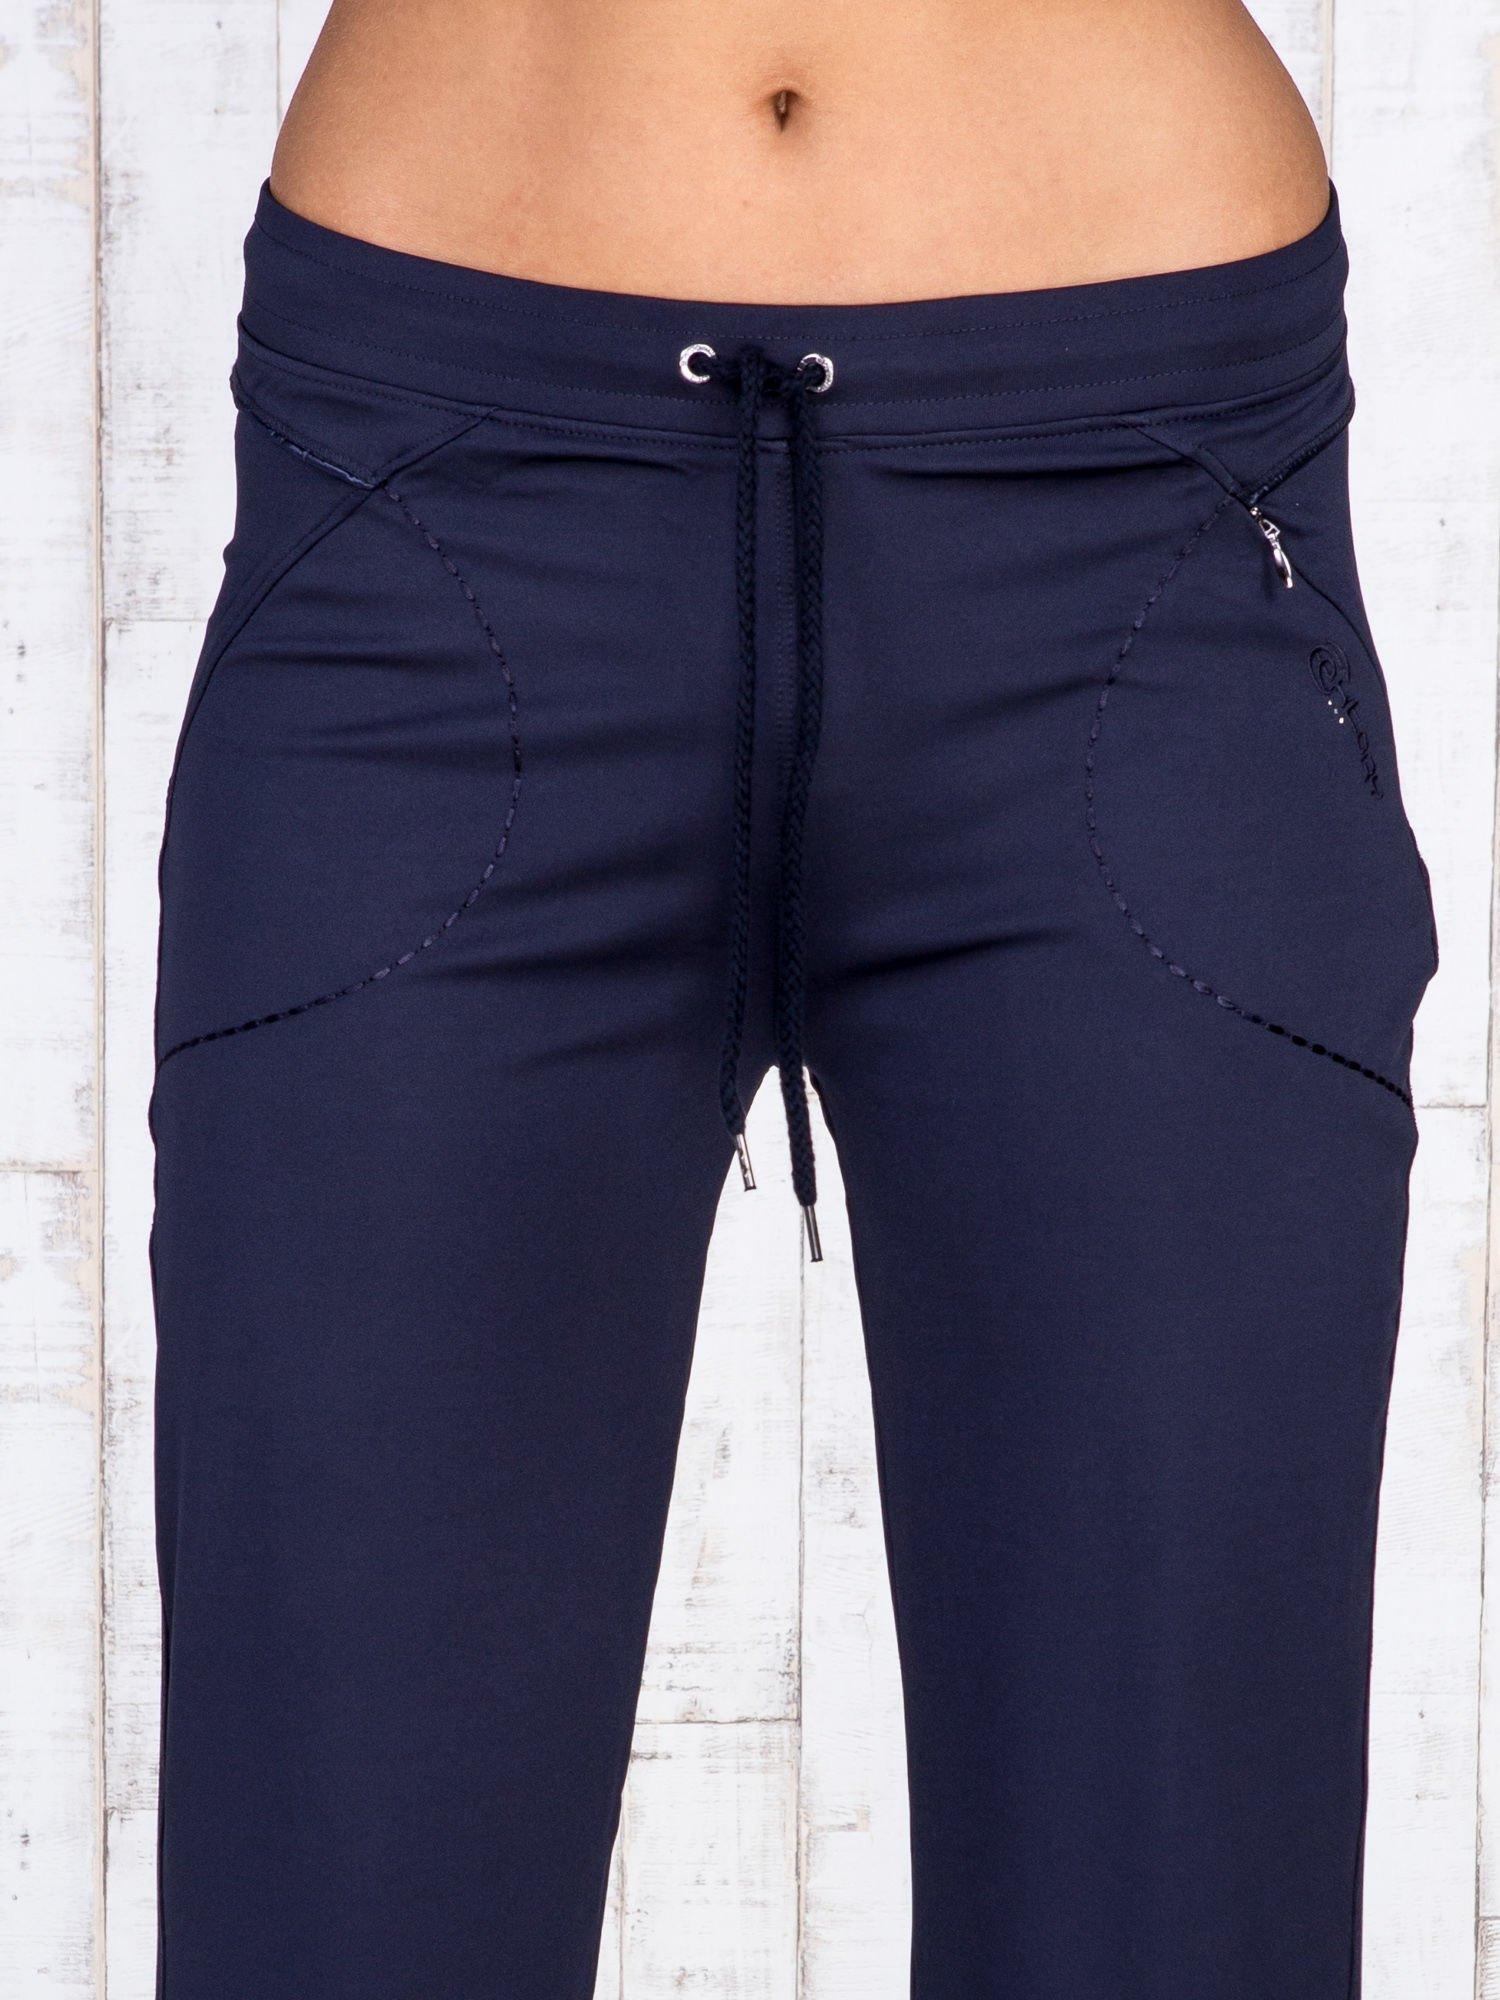 Granatowe spodnie dresowe z kieszonką i haftem PLUS SIZE                                  zdj.                                  4